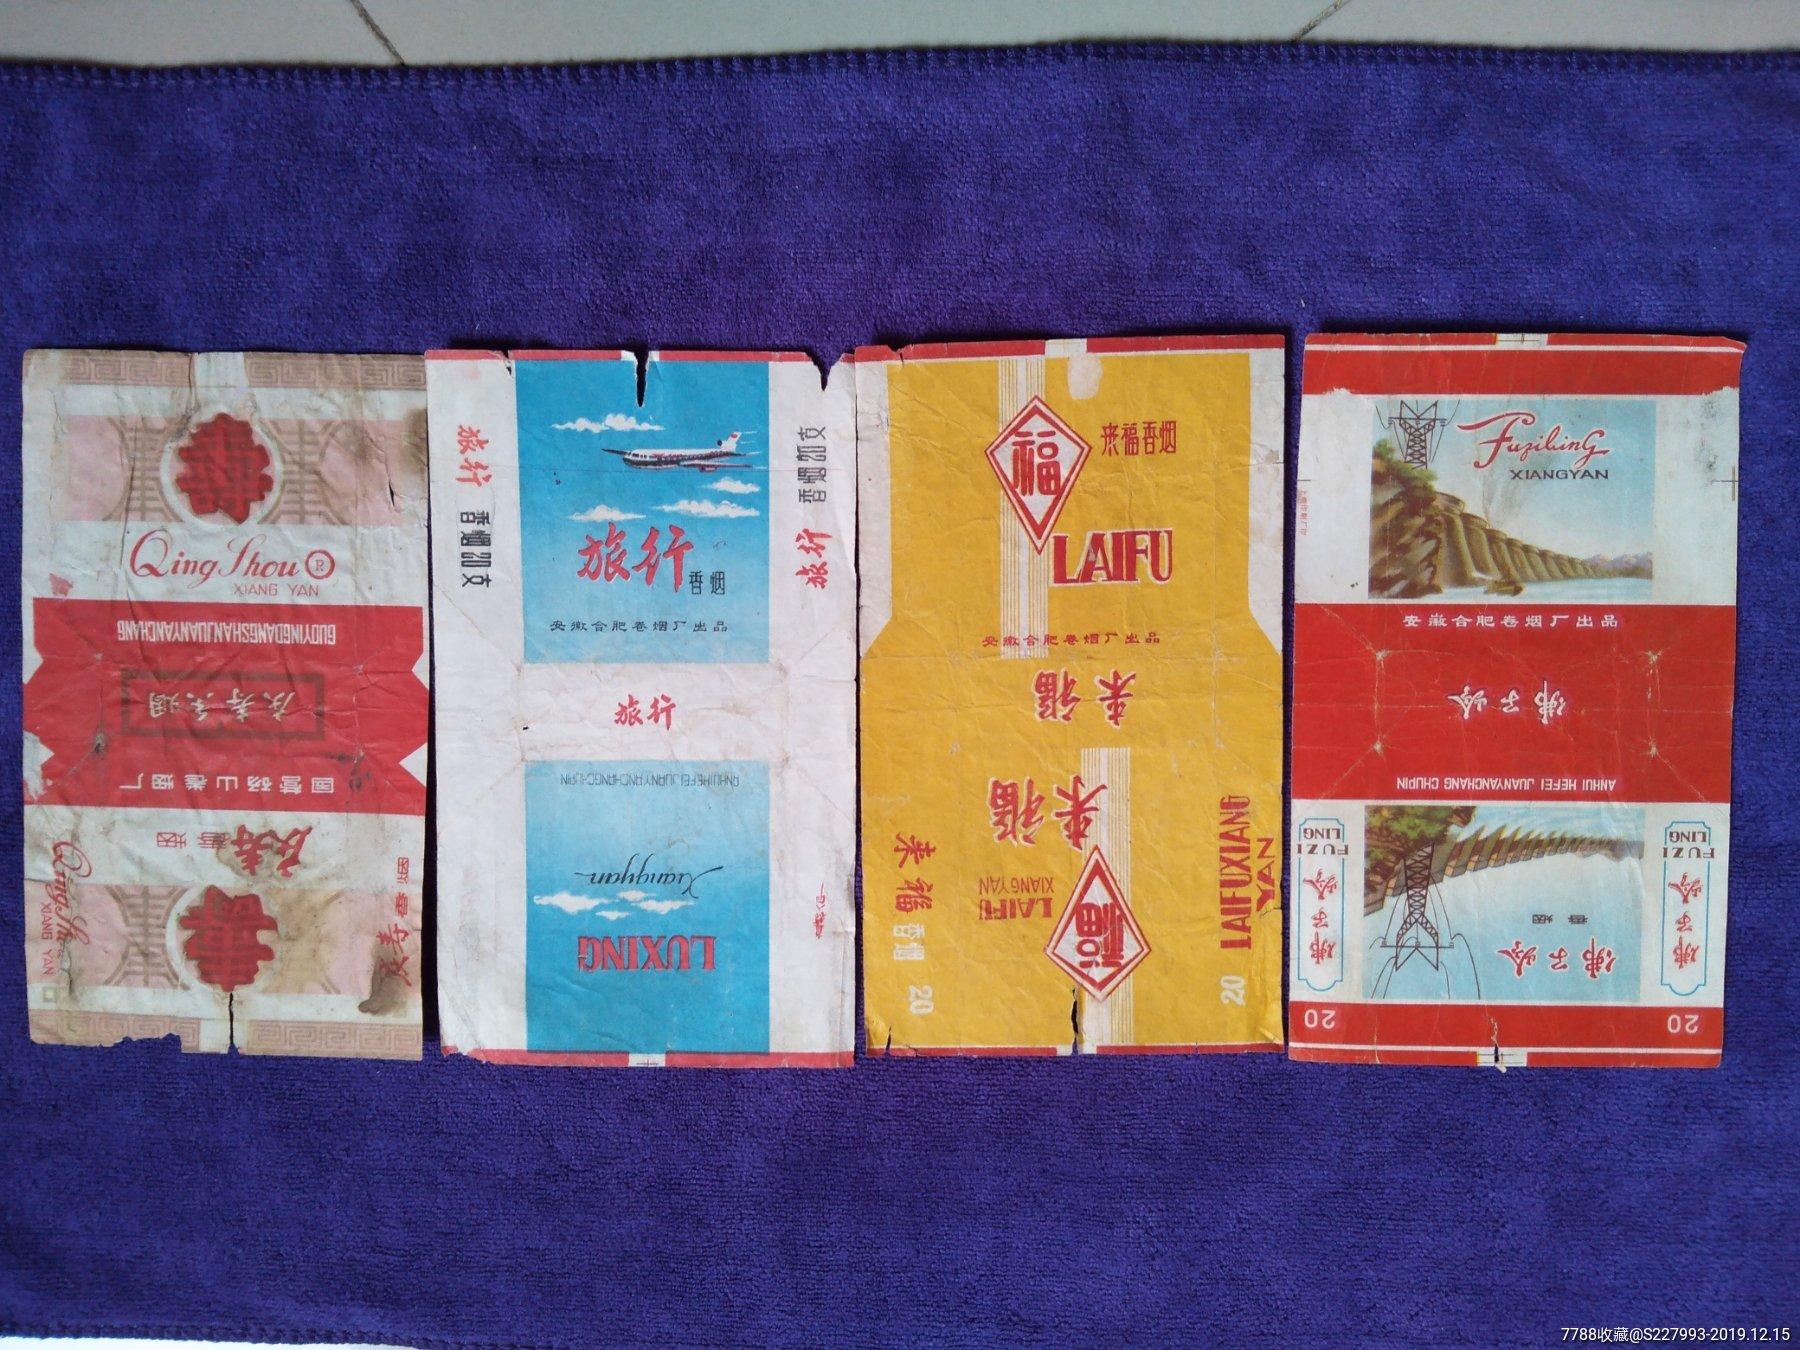 安微烟厂:烟标,佛子岭:来福:旅行。(au21902778)_7788收藏__收藏热线